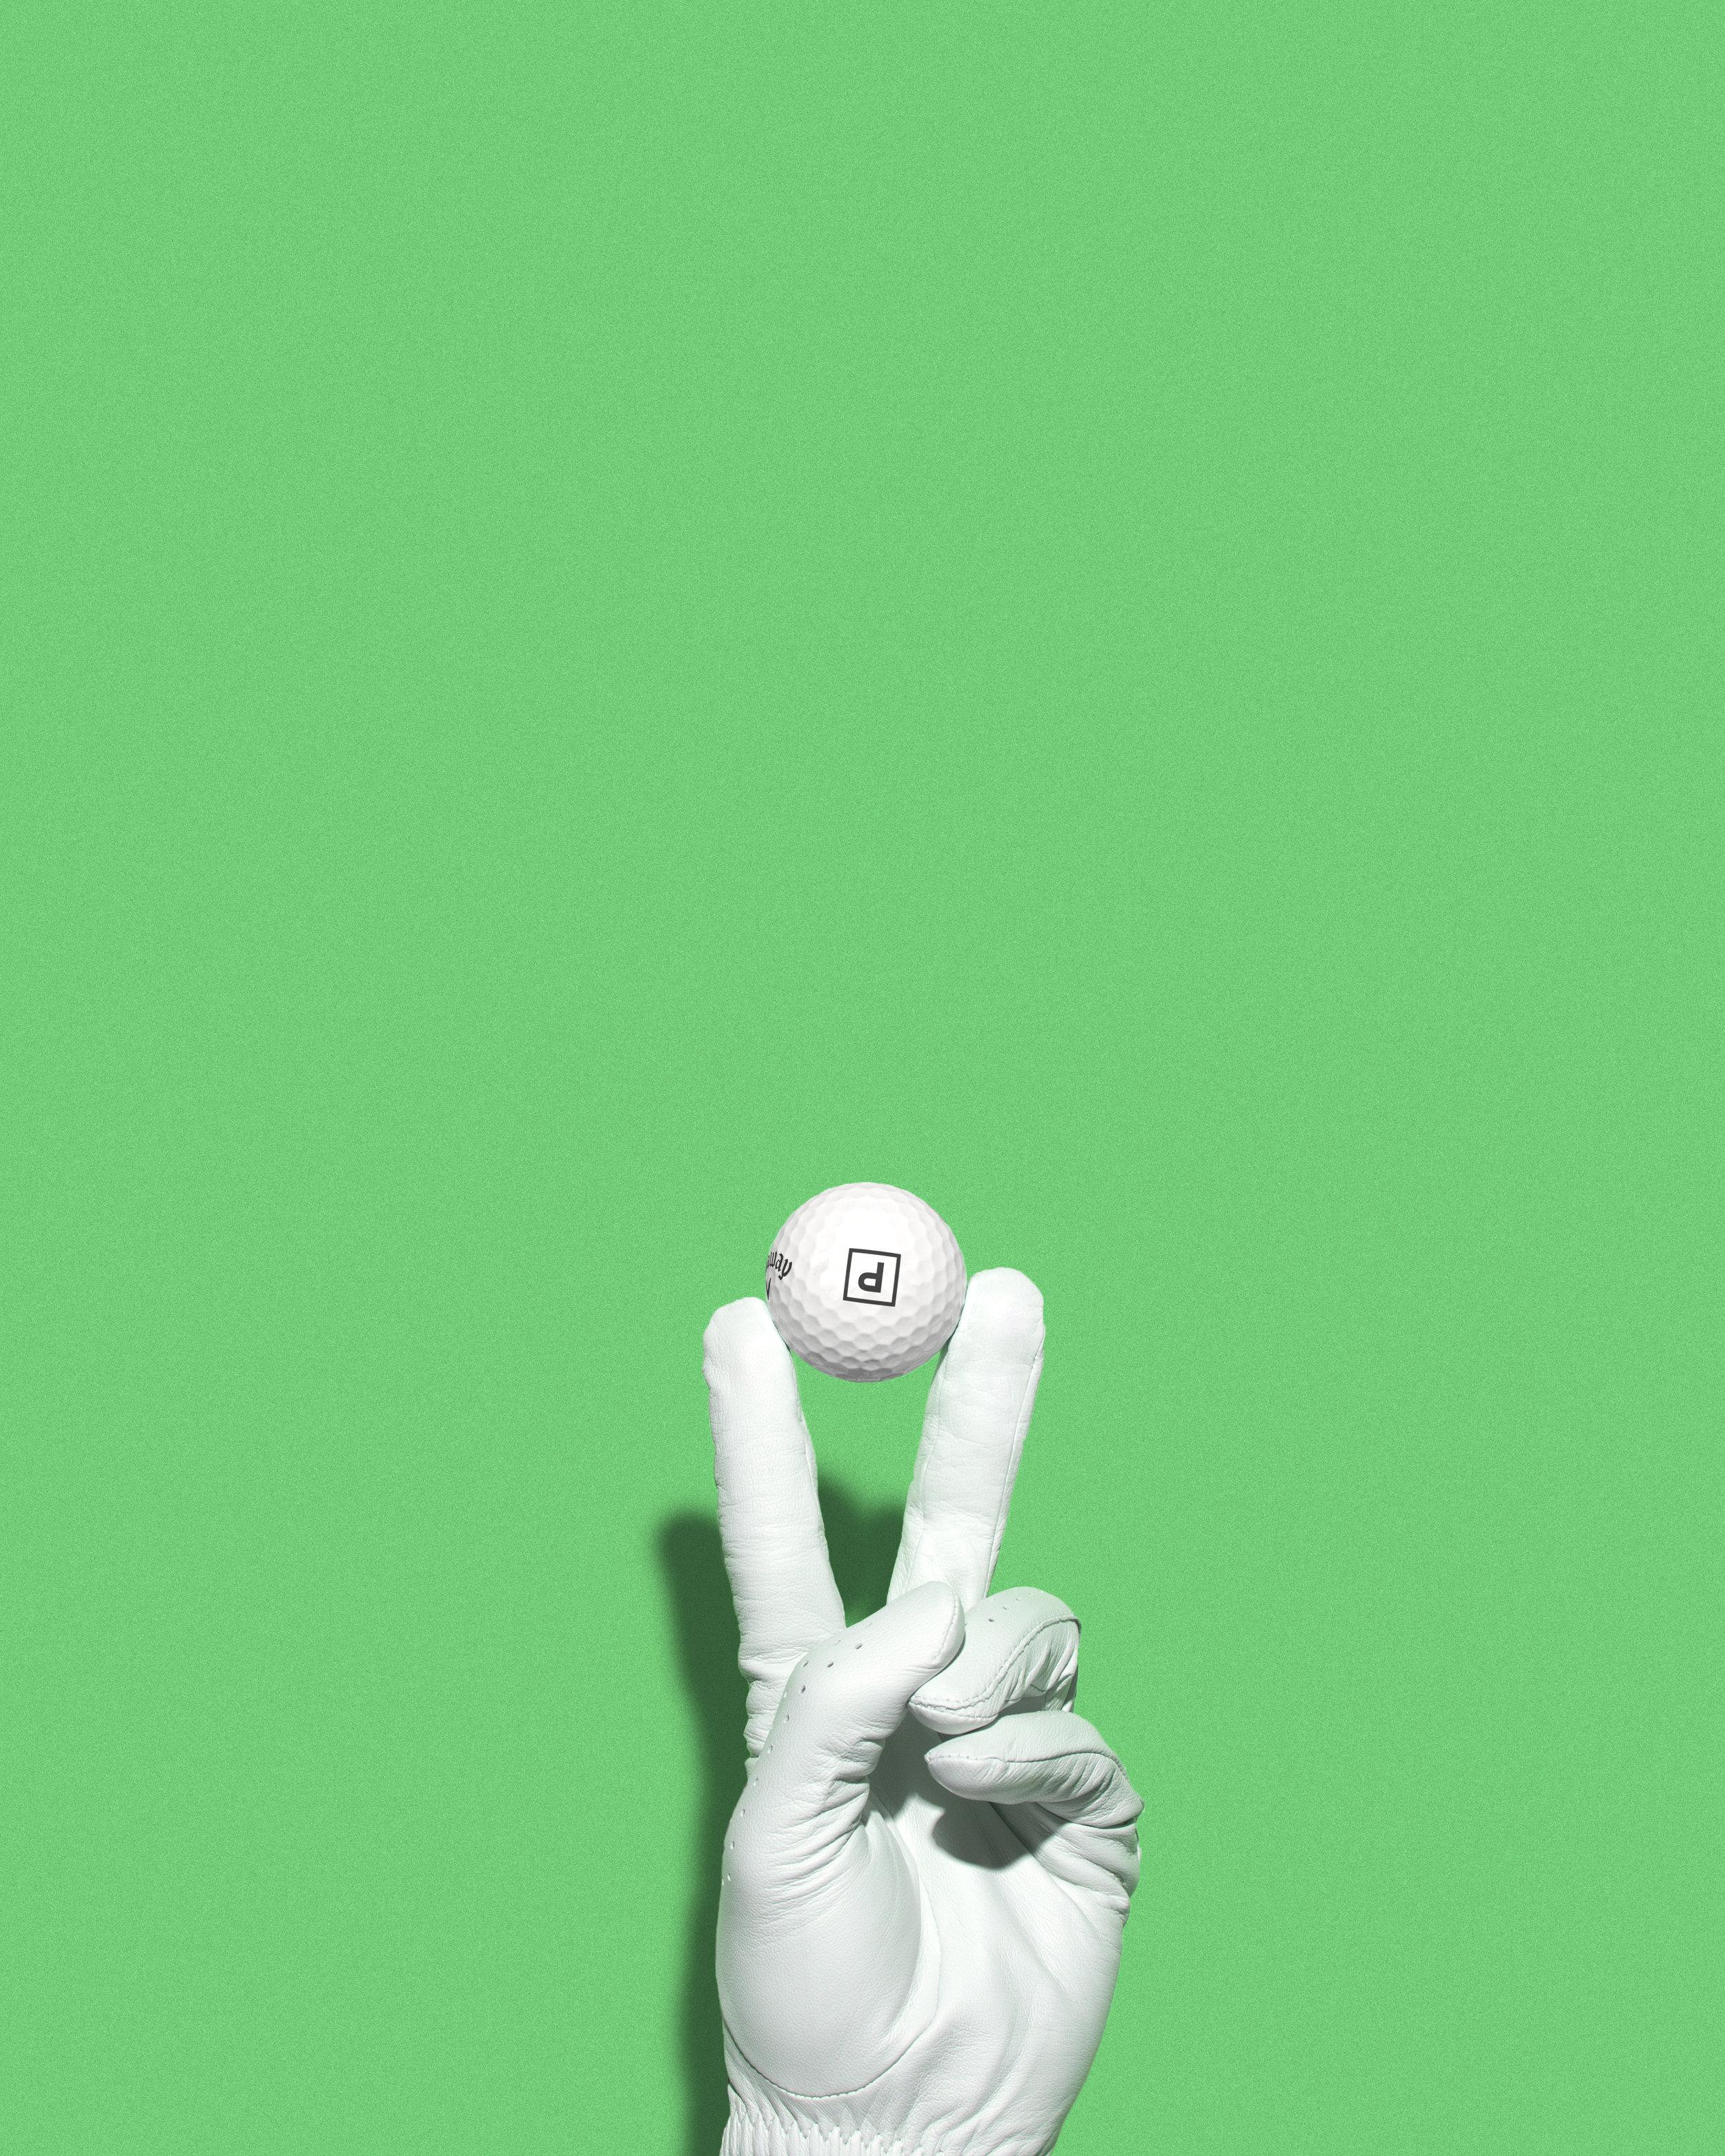 peace sign2 (1).jpg